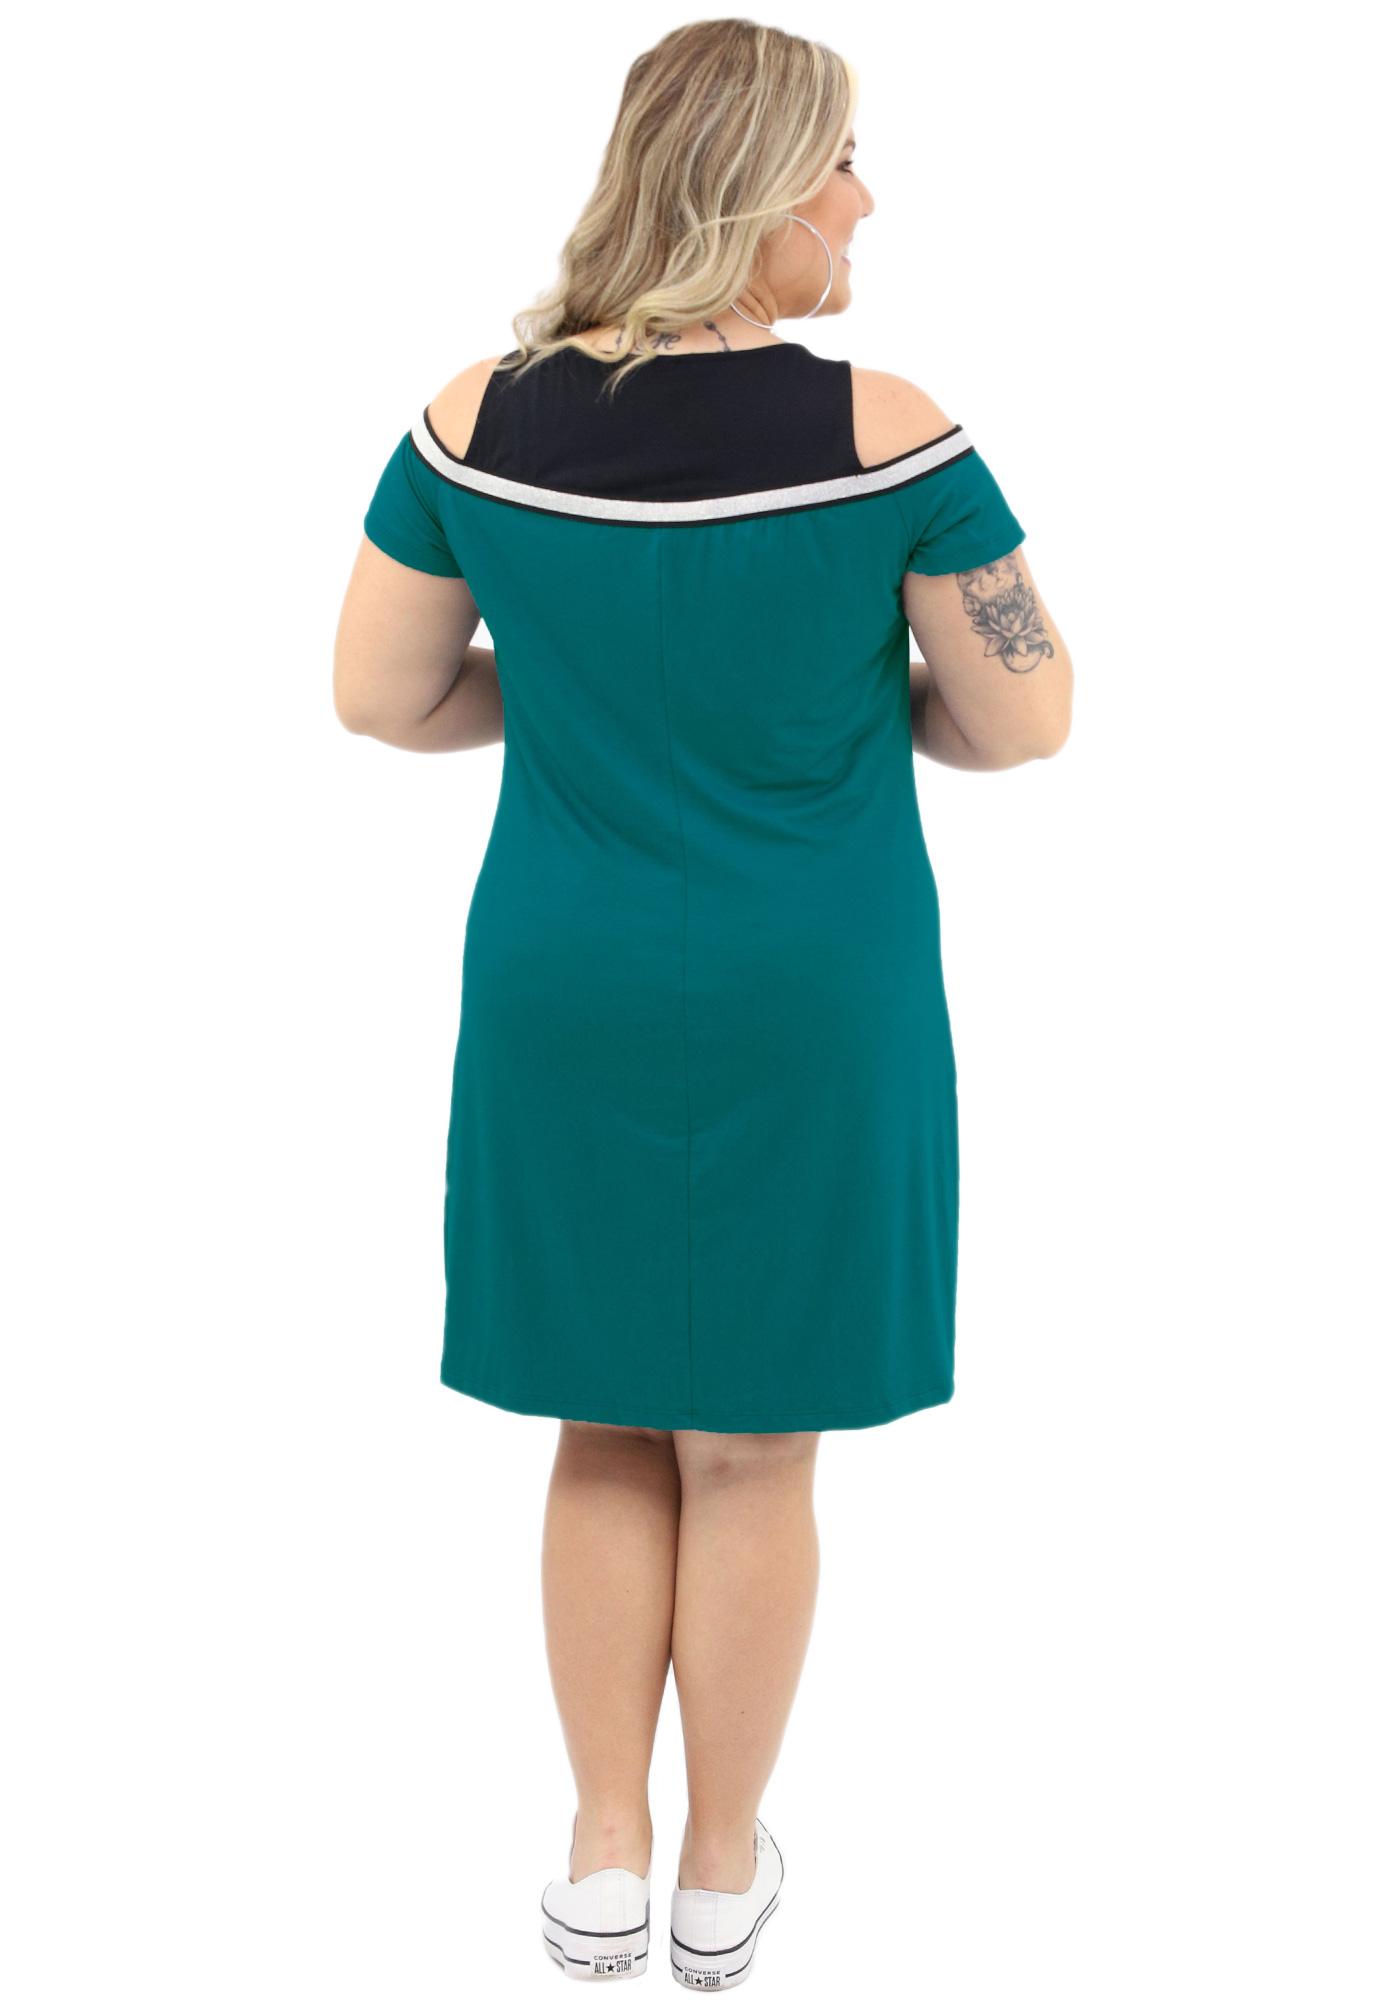 Vestido Lepoque Plus Size Visco Falsa Sobreposição  (Verde Esmeralda)